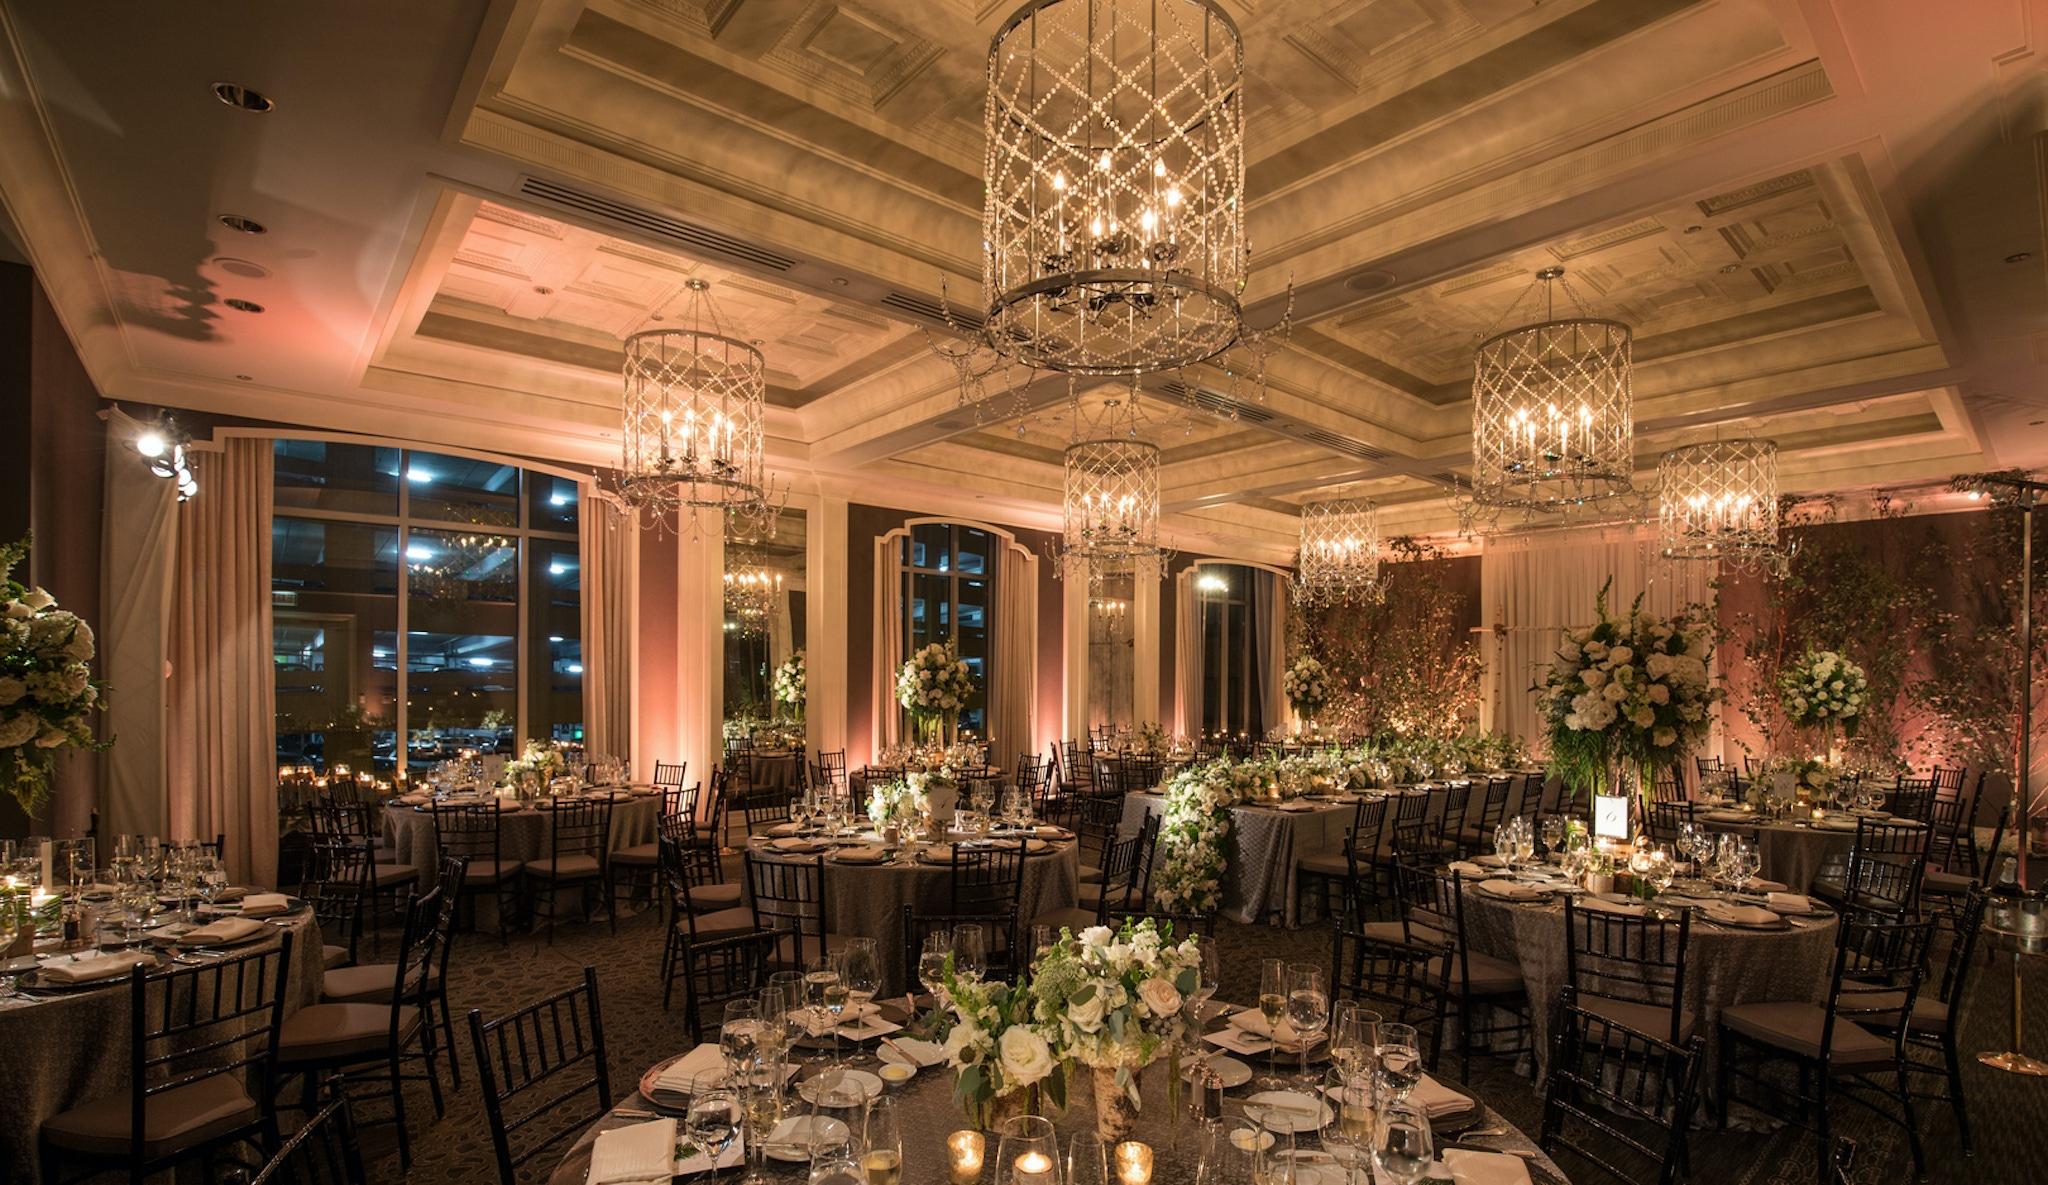 Best ballroom transformations - WALDORF ASTORIA CHICAGO HOTEL